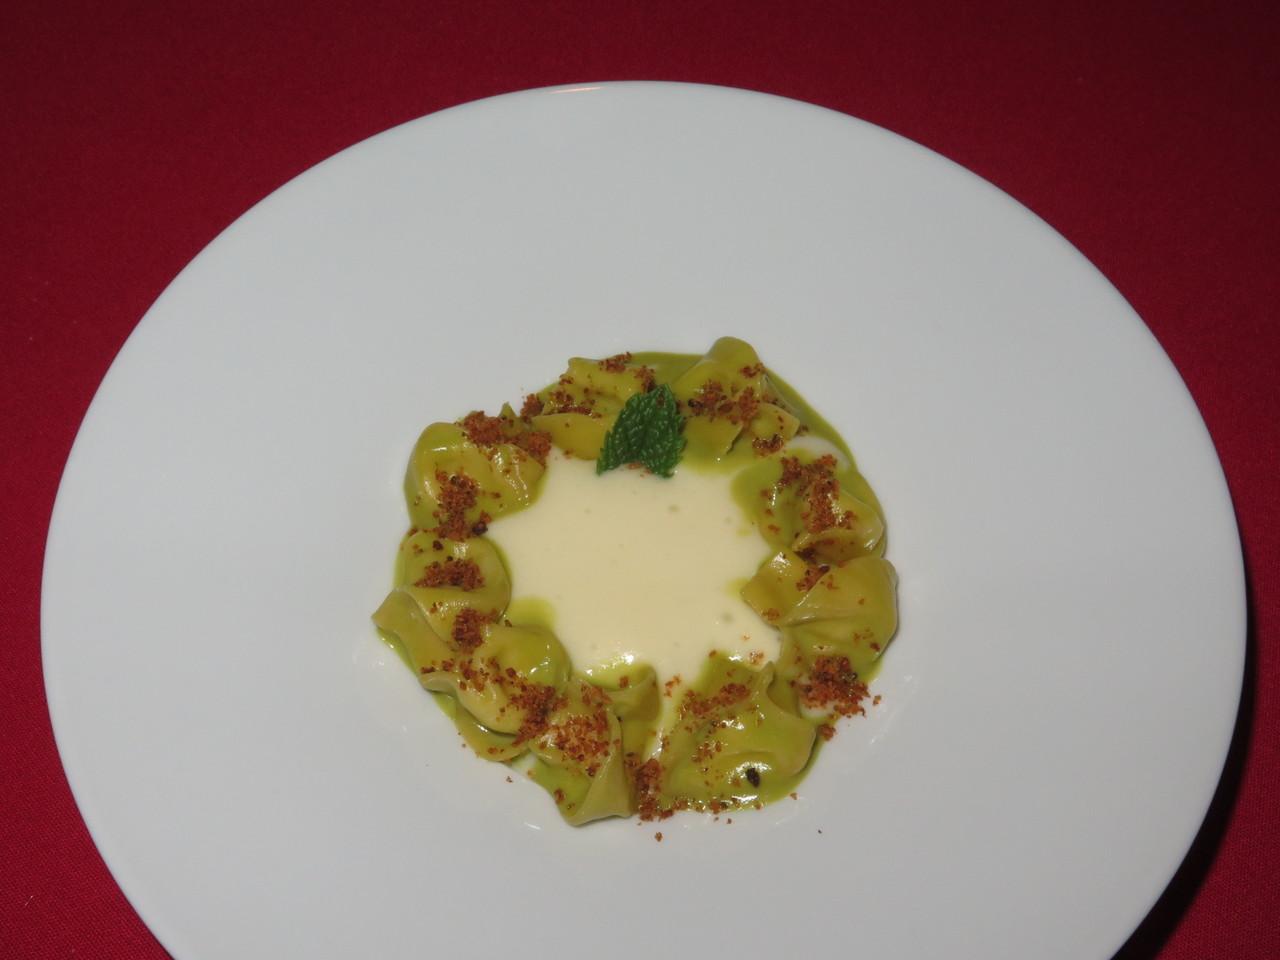 Burrata tortellini com pesto de pistácio sobre espuma de batata fumada e fragmentos mediterrânicos